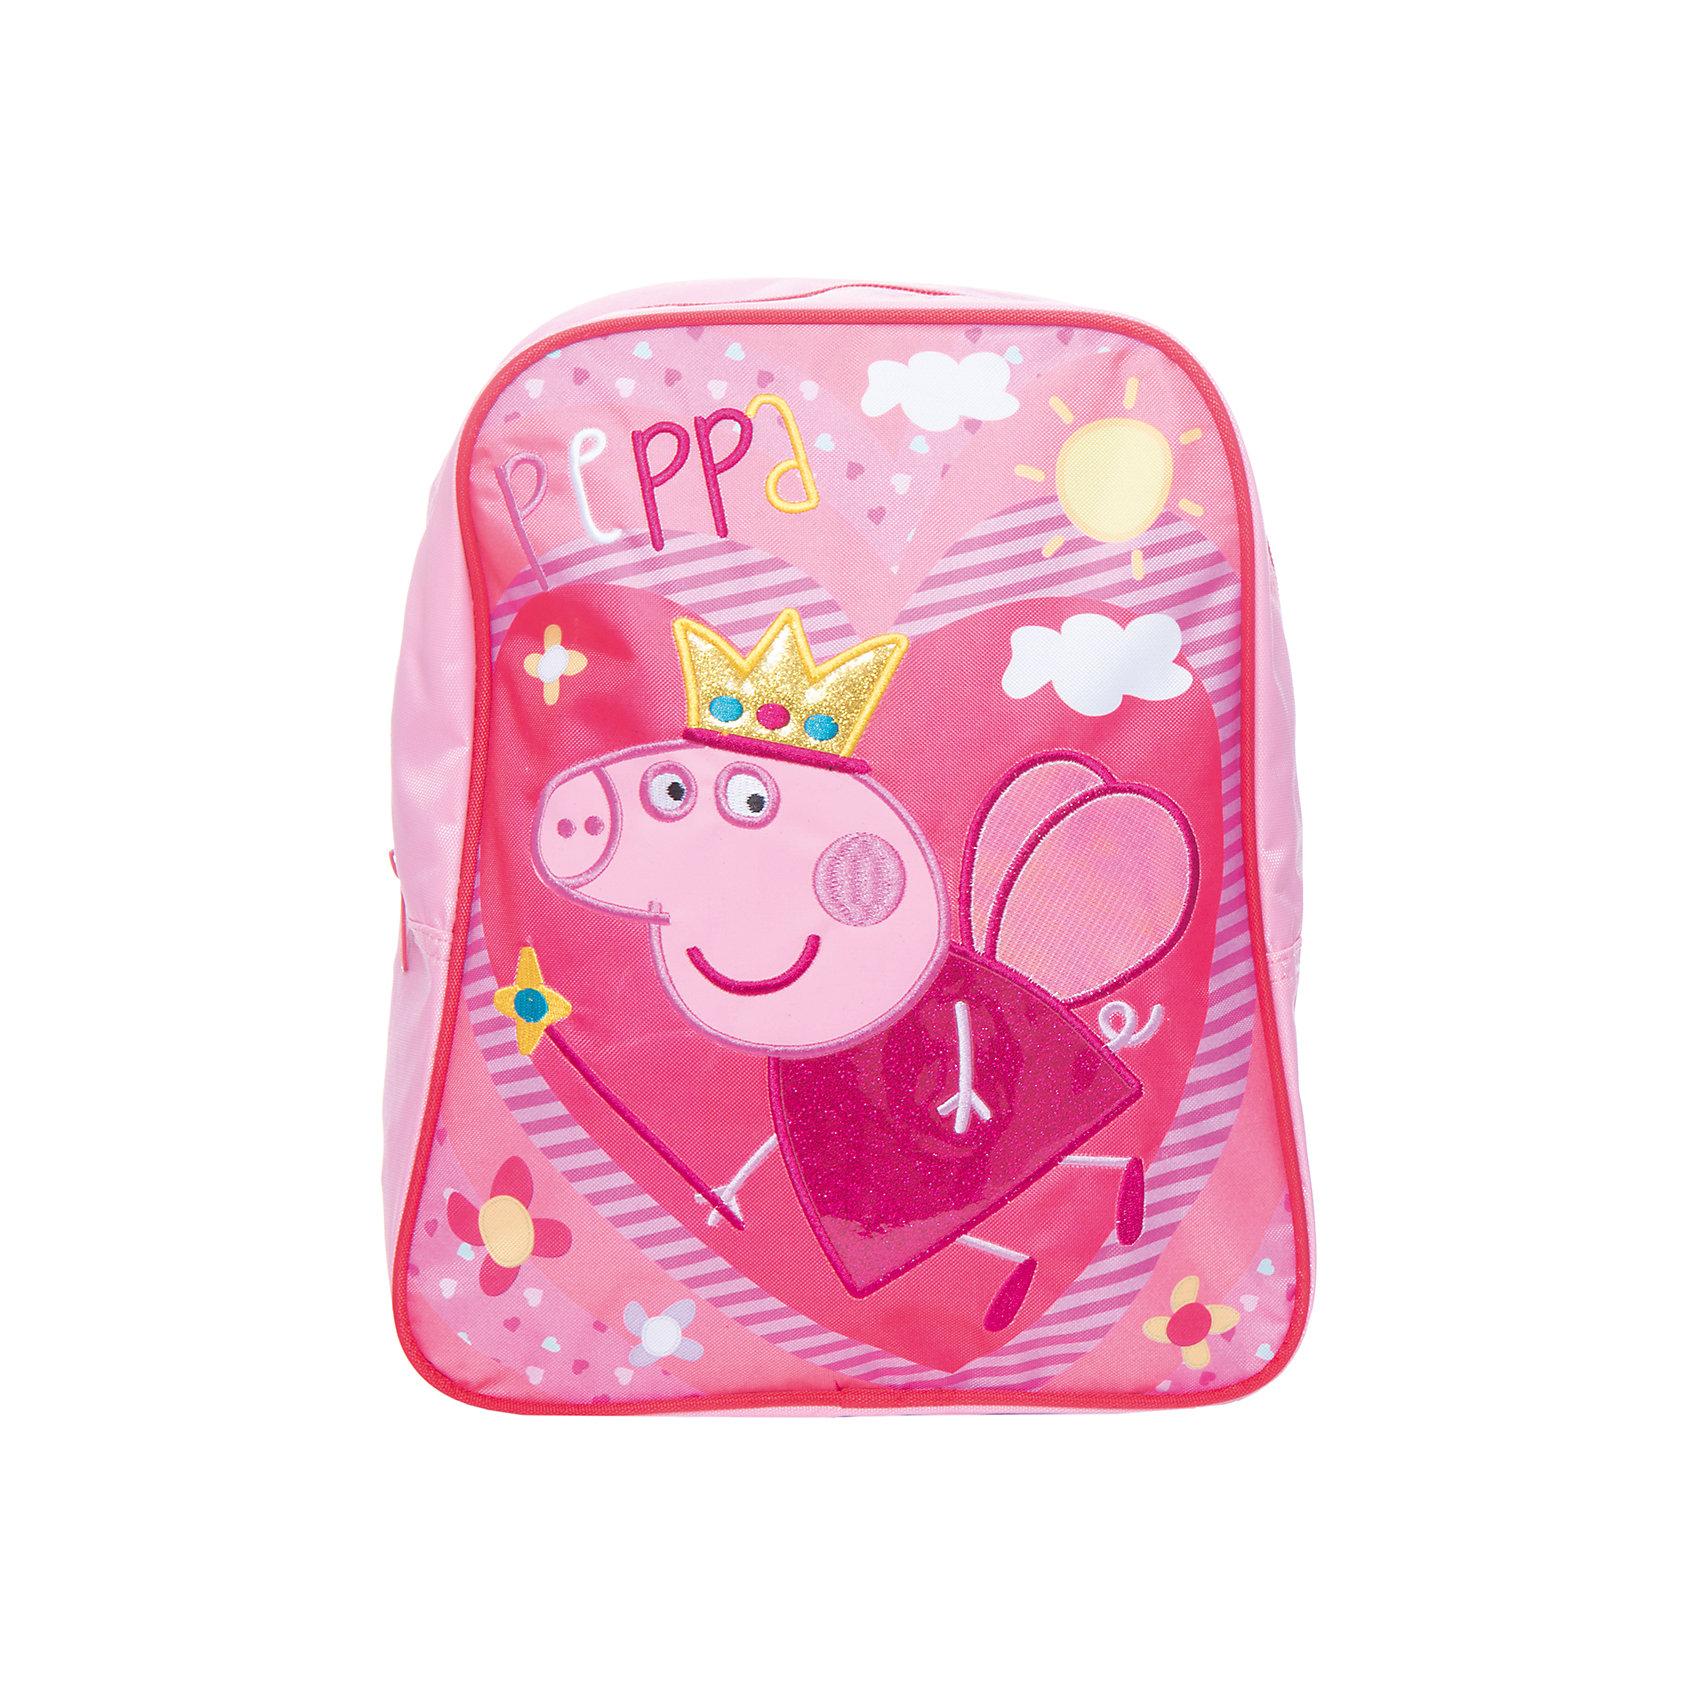 Дошкольный рюкзак Свинка ПеппаСвинка Пеппа<br>Яркий и стильный рюкзачок ТМ «Свинка Пеппа» идеально подойдет вашей маленькой моднице. Удобный и вместительный, он обязательно пригодится для прогулок, занятий в кружке или спортивной секции. В его внутреннем отделении на молнии легко поместятся все необходимые вещи, в том числе предметы формата А4. Мягкие регулируемые лямки берегут плечи малышки от натирания. Удобная ручка помогает носить аксессуар в руке или размещать на вешалке. Изделие изготовлено из износостойкой, водонепроницаемой ткани, поэтому оно будет служить долгое время, сохраняя положенные в него вещи сухими даже в дождливую погоду. Рюкзачок декорирован блестящей аппликацией PVC в виде Свинки Пеппы, вышивкой и ярким принтом (сублимированной печатью). Размер: 30х25х12,5 см.<br><br>Ширина мм: 315<br>Глубина мм: 265<br>Высота мм: 20<br>Вес г: 250<br>Возраст от месяцев: 36<br>Возраст до месяцев: 96<br>Пол: Женский<br>Возраст: Детский<br>SKU: 4635152